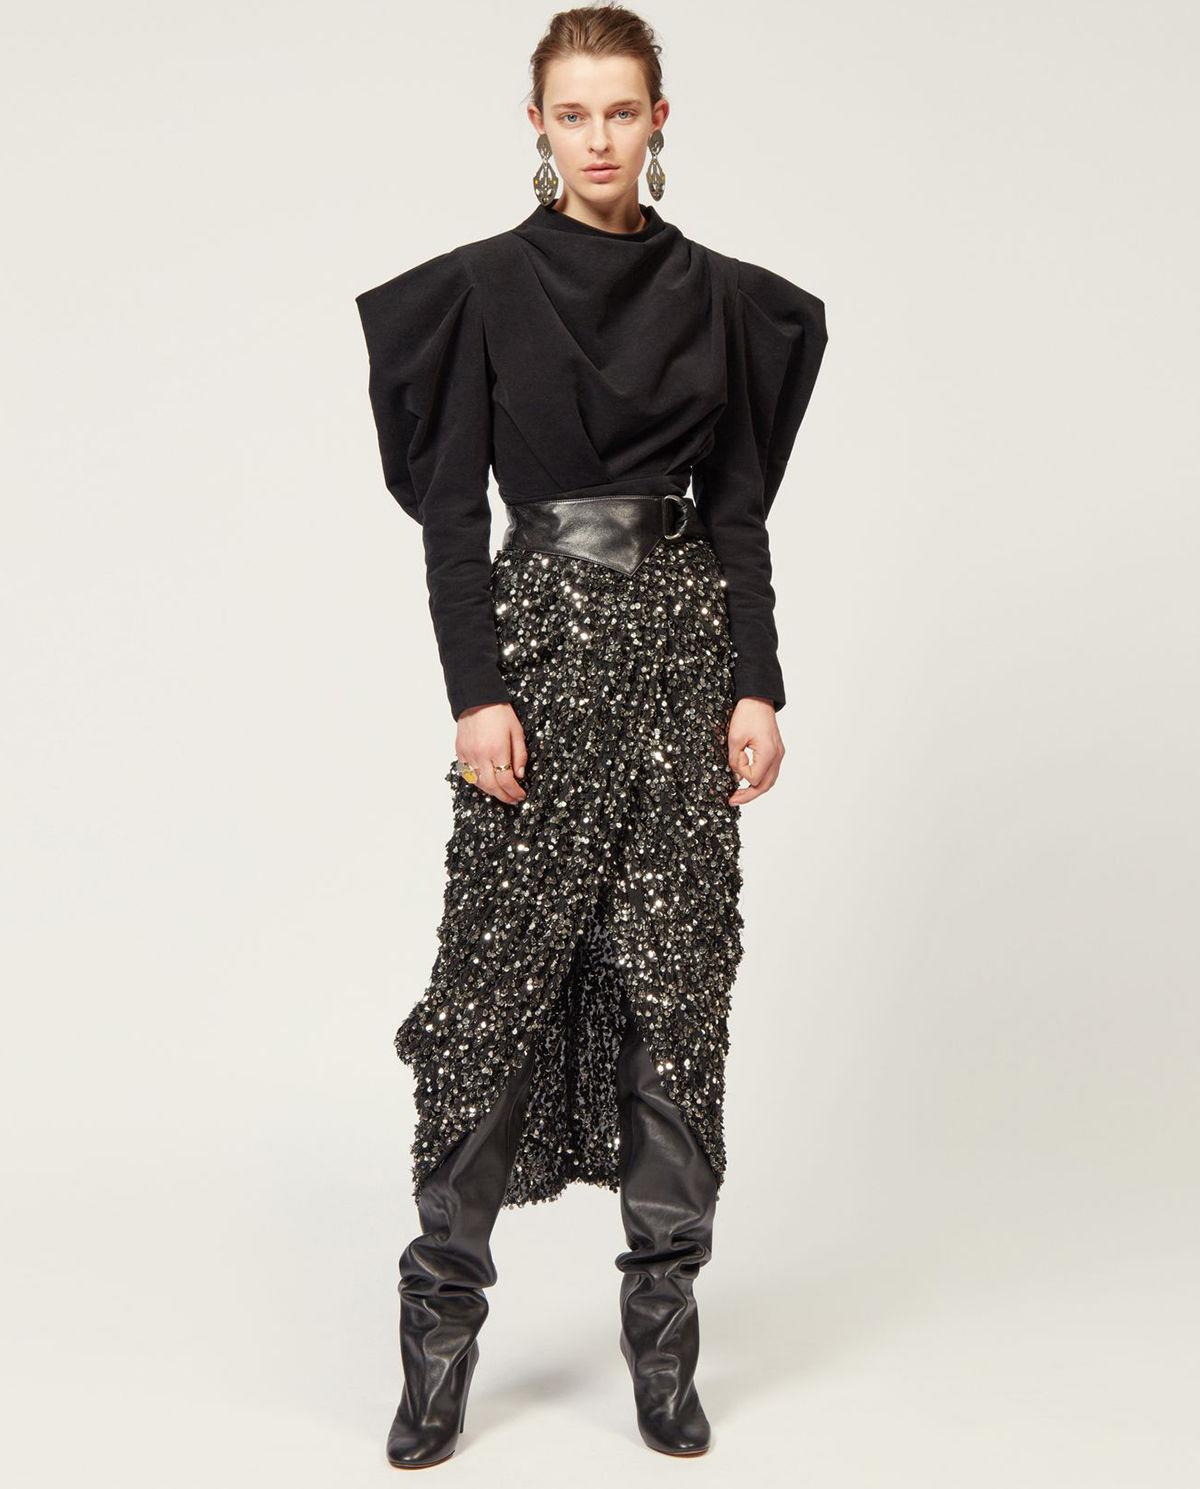 Isabel Marant modelka bluzka spódnica